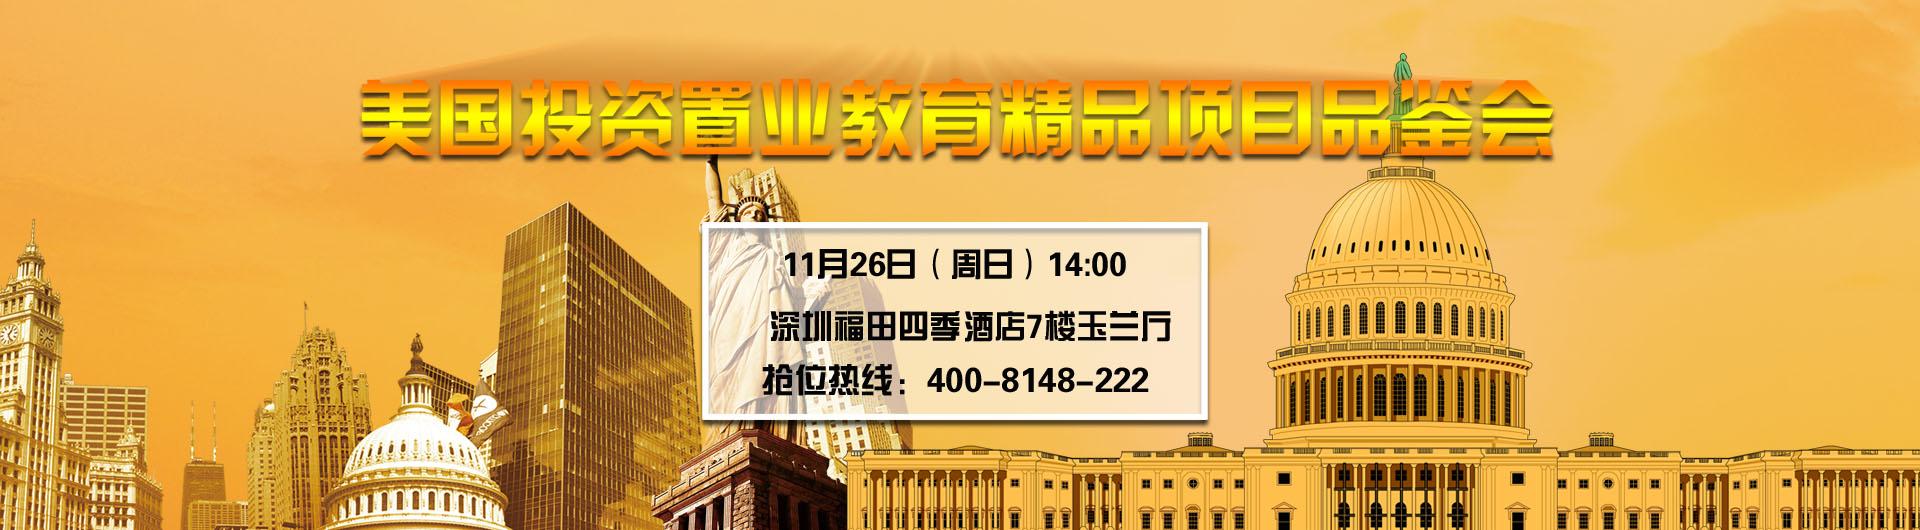 邀请函 | 美国投资置业教育精品项目品鉴会